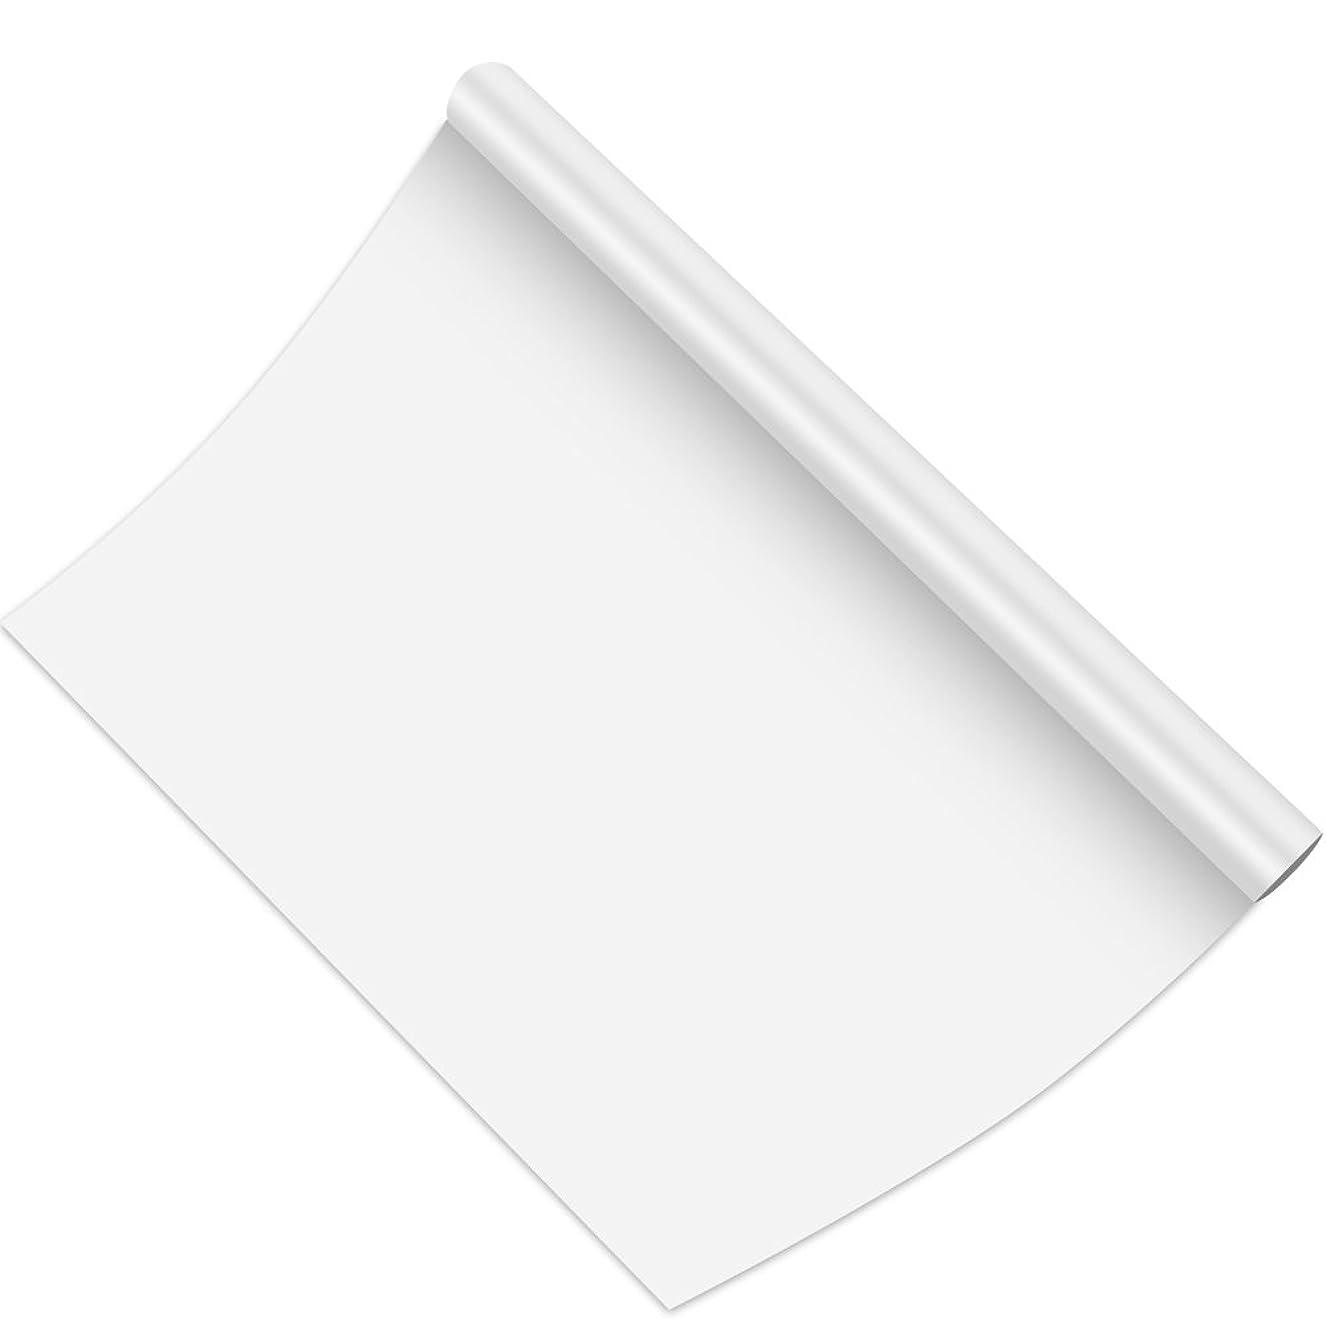 行商人つかの間泥だらけホワイトボード シート 45*200cm Fohil 厚め ウォールステッカー 壁に貼ってはがせる ご随意に裁断 壁紙 勉強用 会議 セミナー用 お絵かき 落書き 水性ペン付き